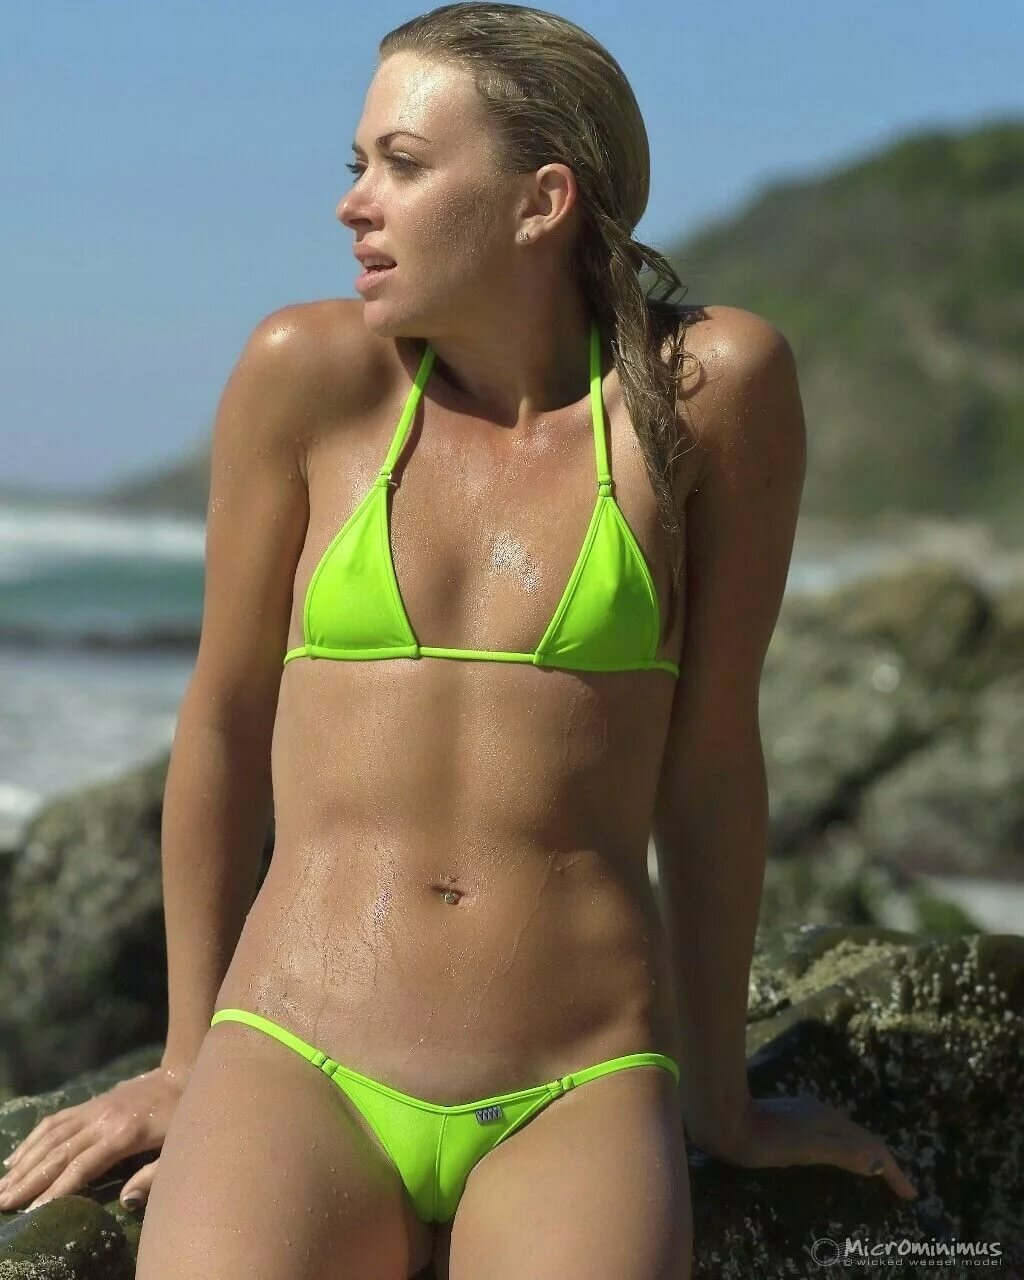 Bondi lifeguard whippet rescues a topless woman